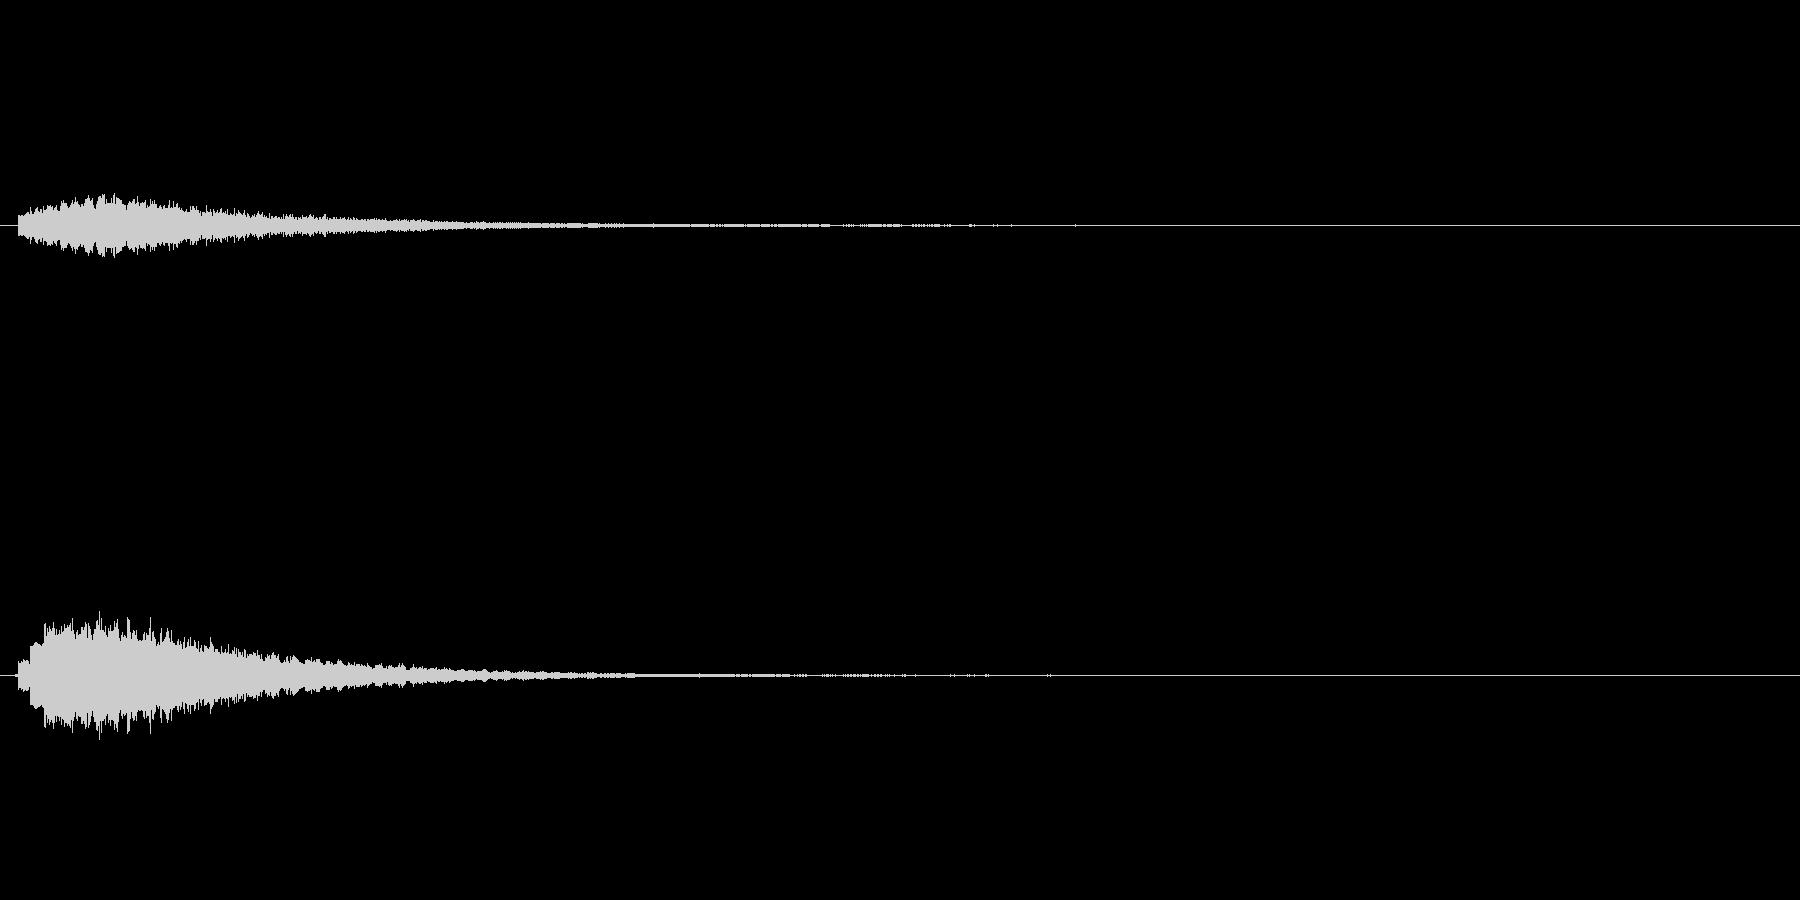 キラキラ系_041の未再生の波形